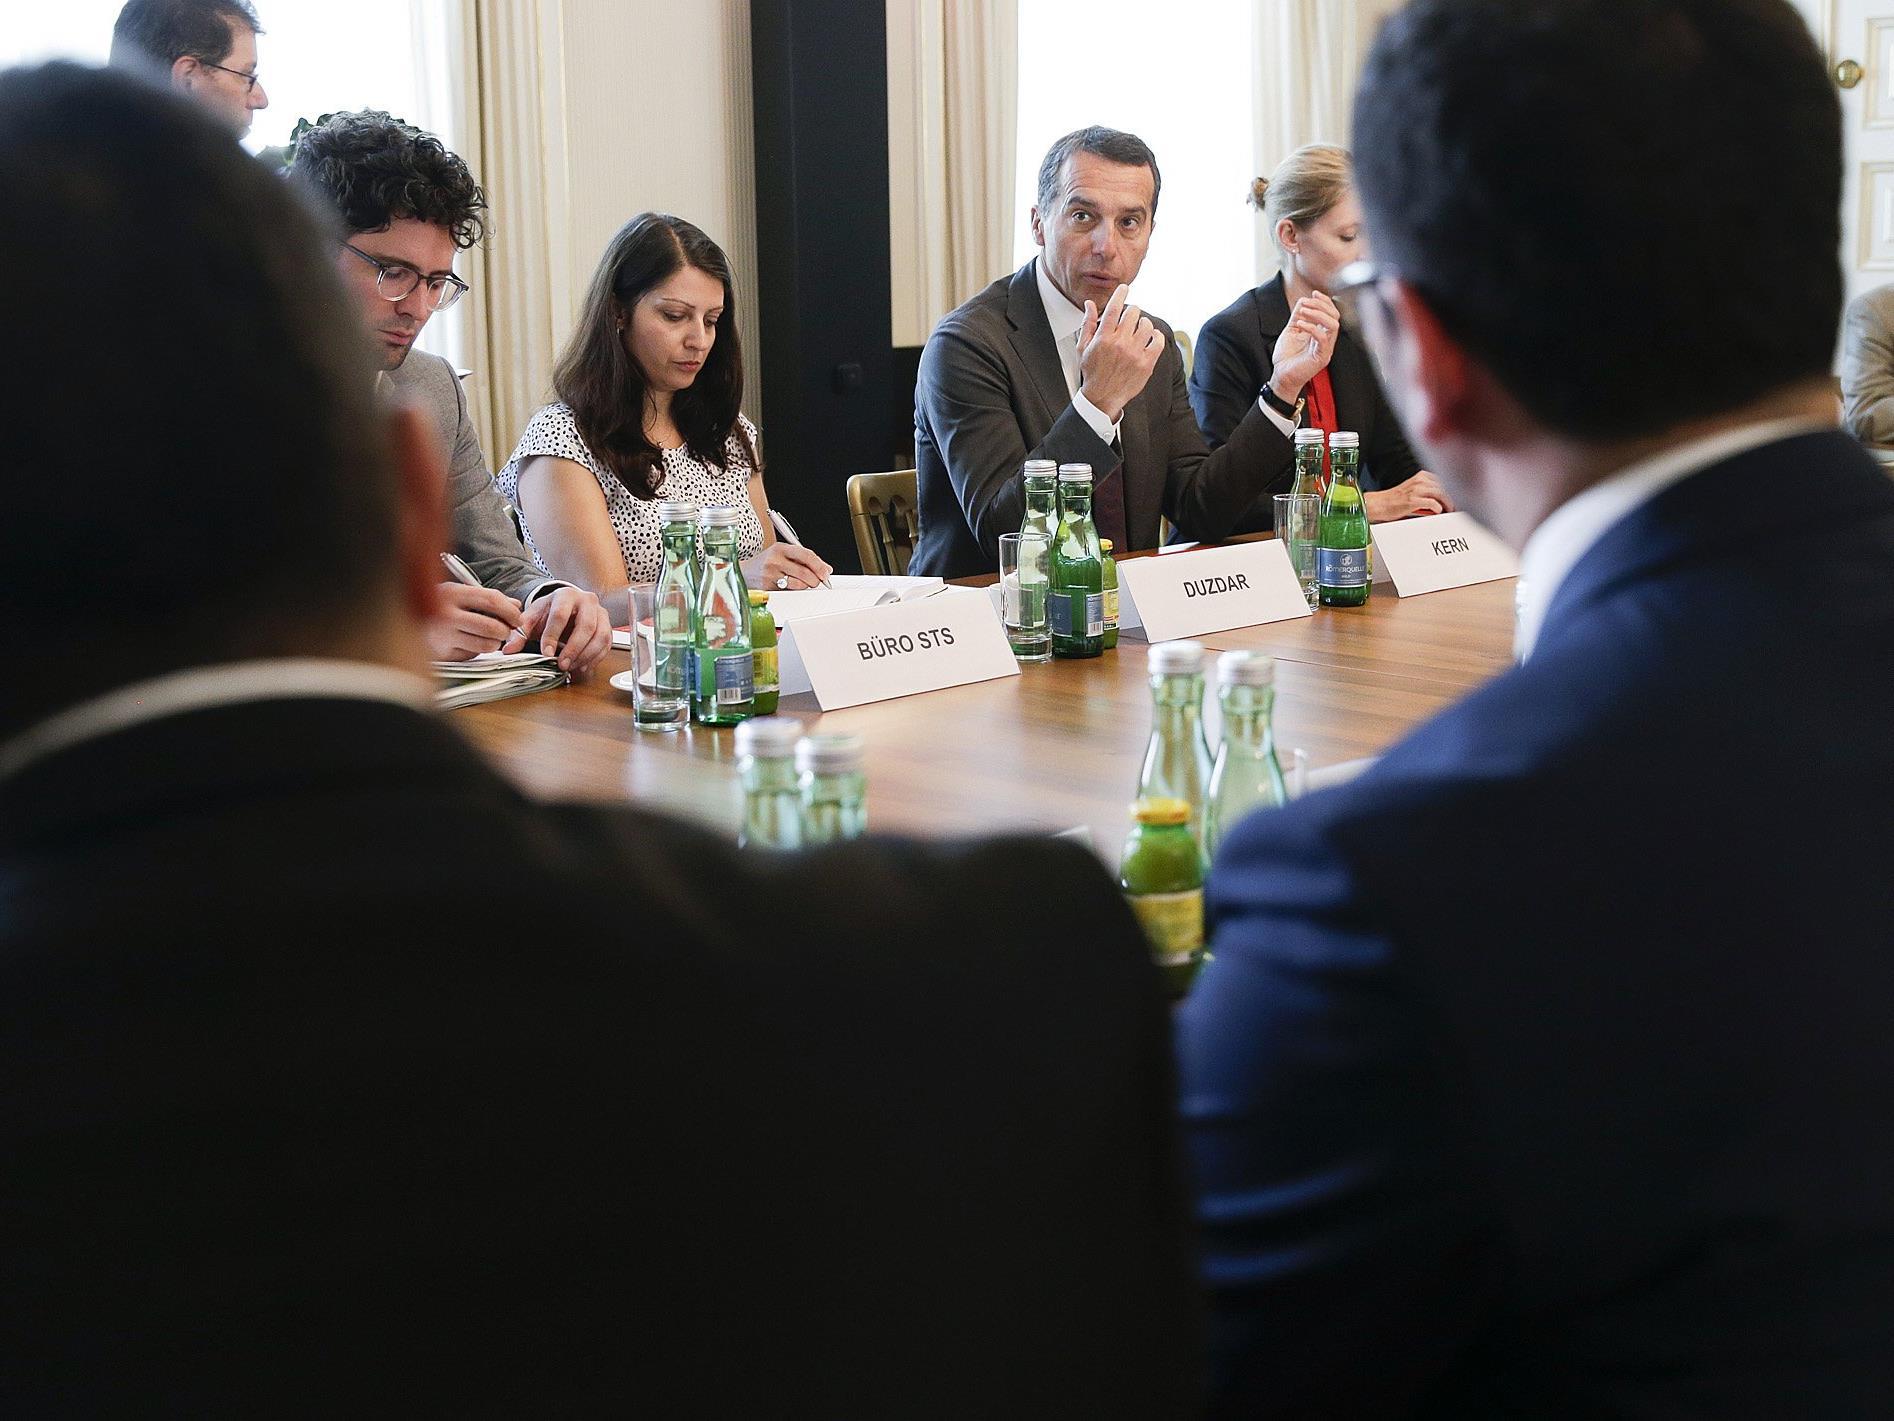 Bei einem Treffen mit Vertretern der Islamische Glaubensgemeinschaft spricht Kanzler Kern über die Zustände in der Türkei